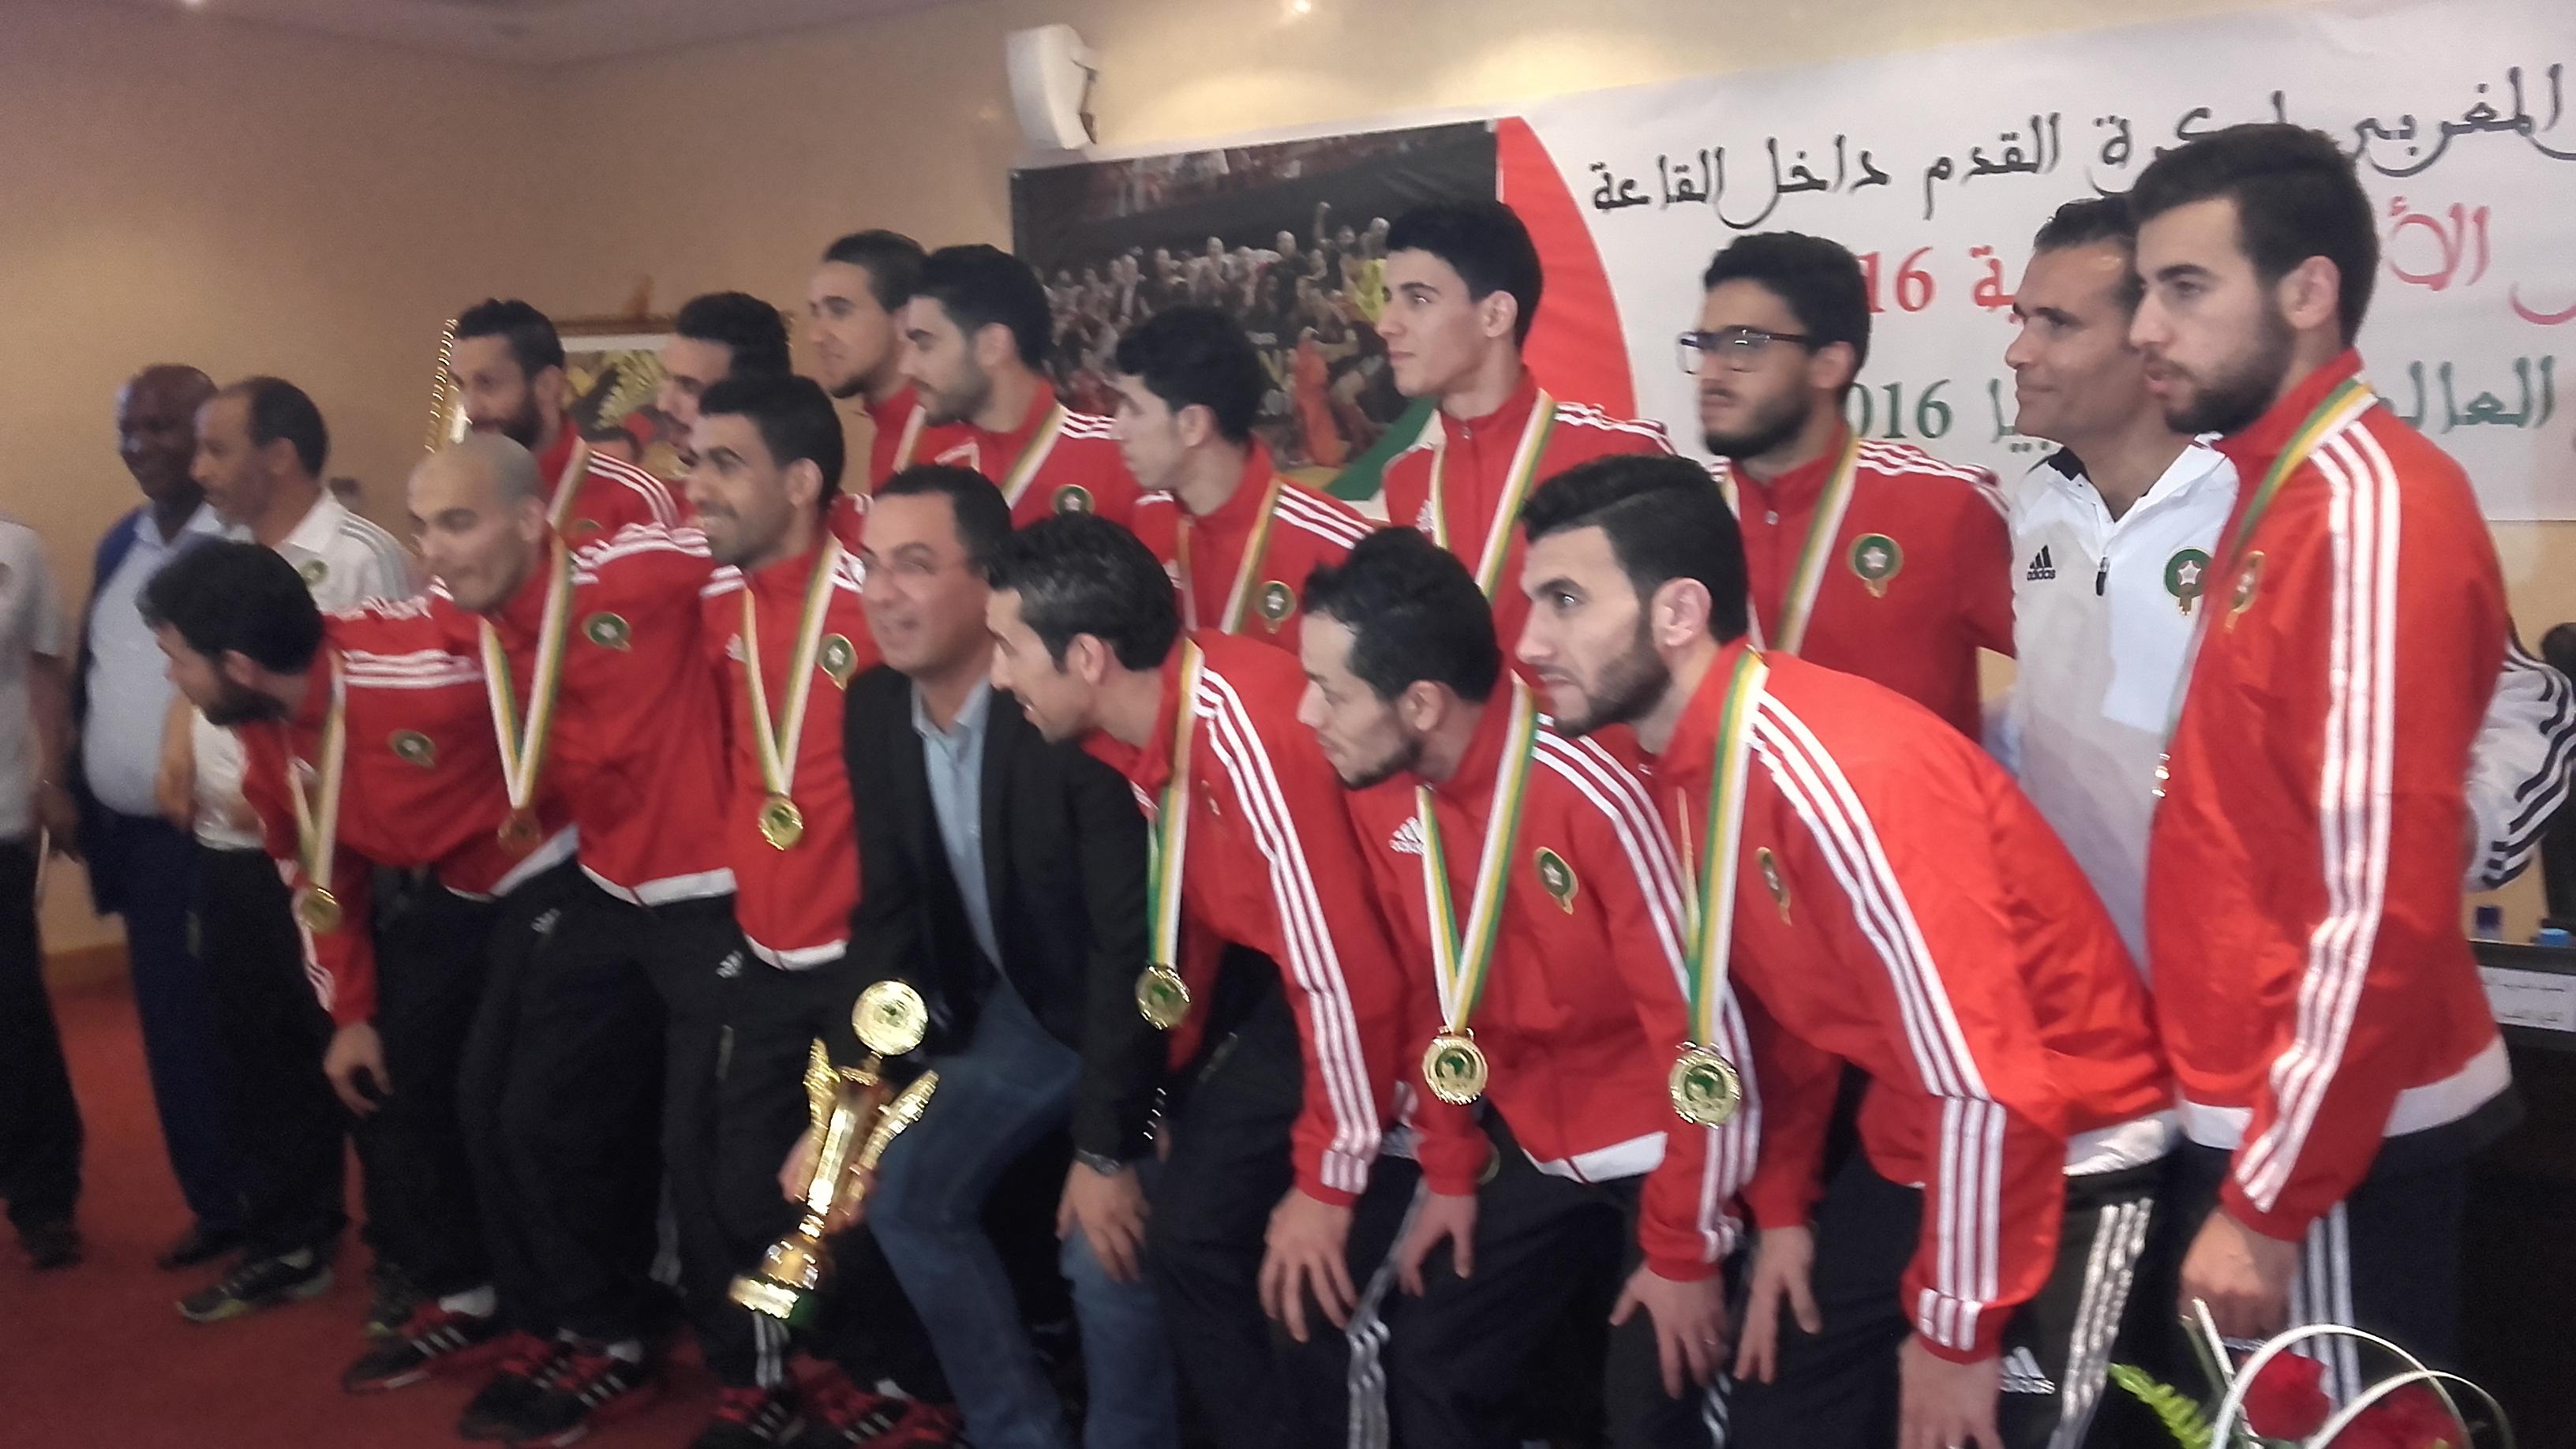 وزارة الشباب تكرم عناصر المنتخب الوطني